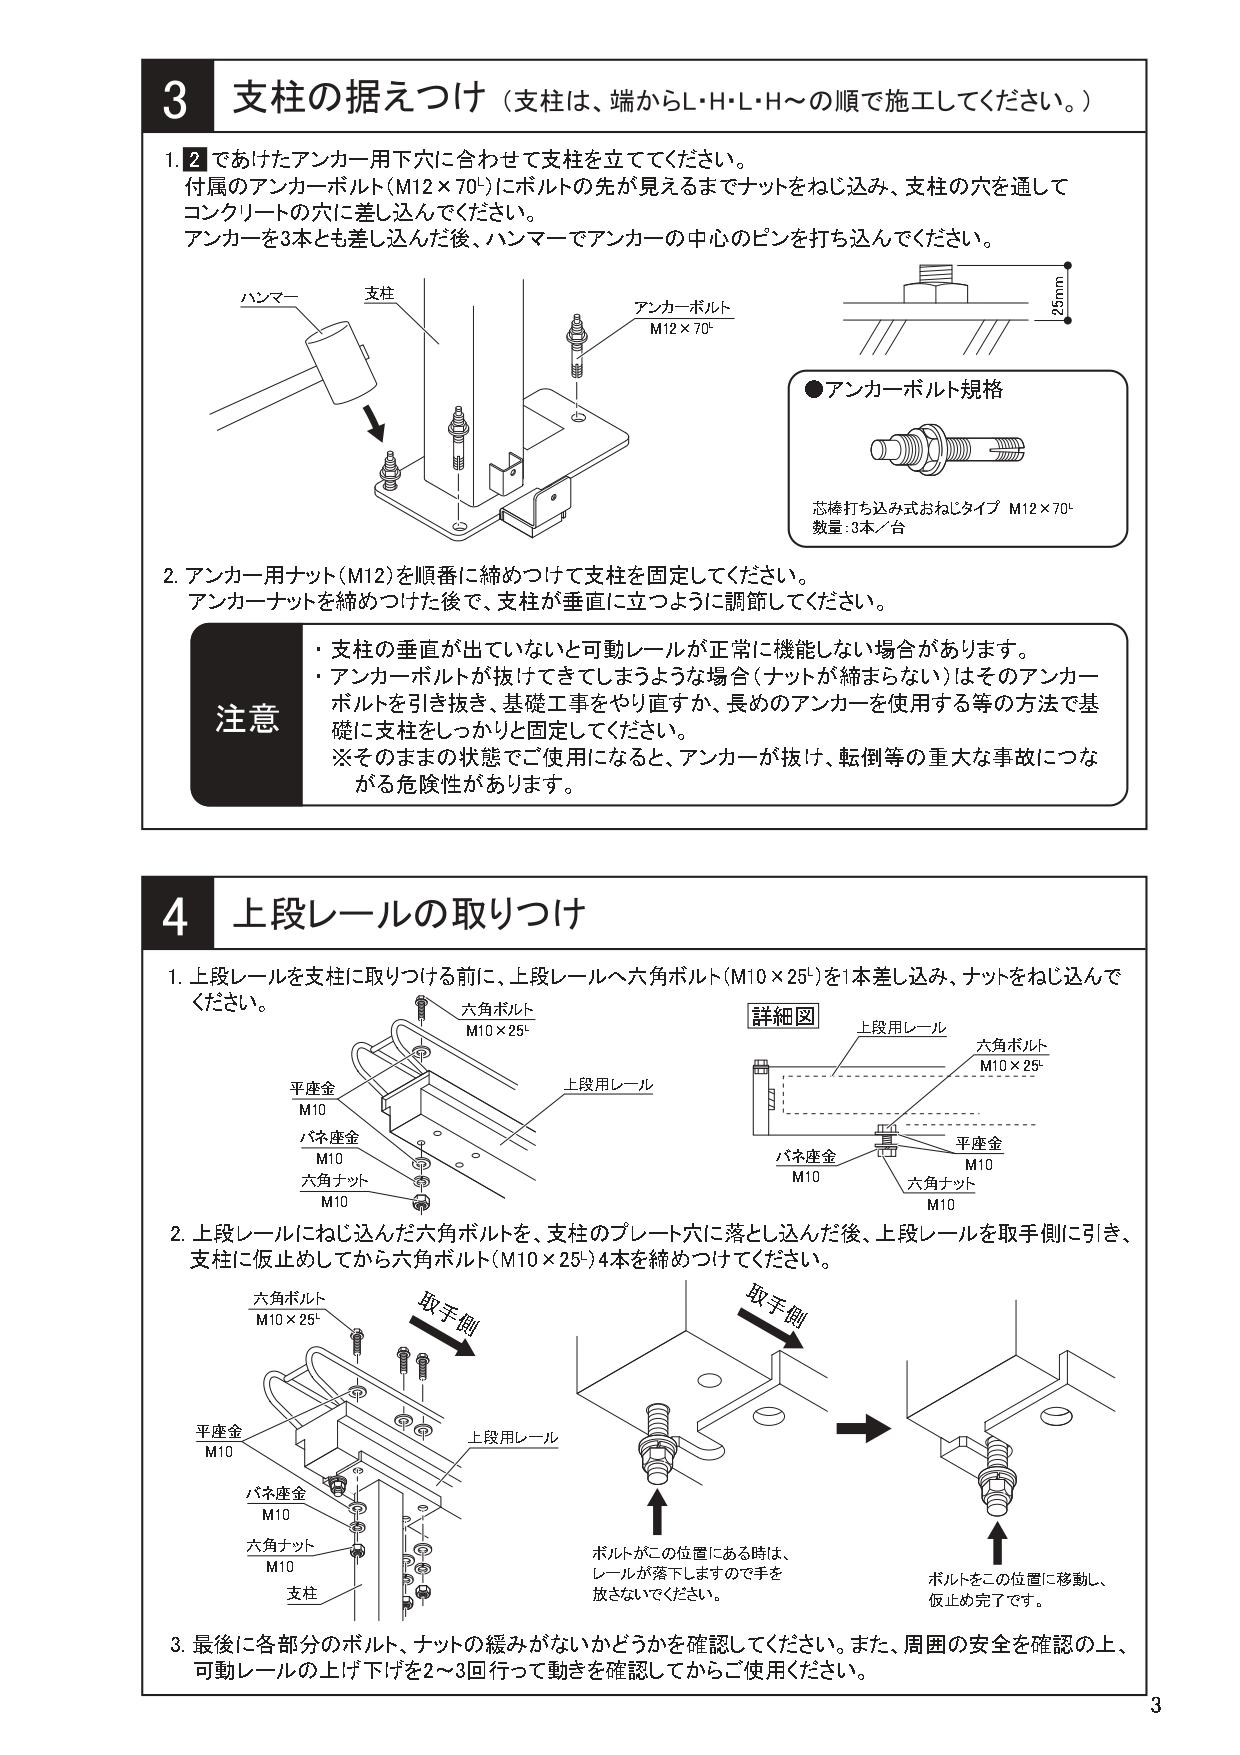 2段式サイクルラック1型 施工説明書_page-0003